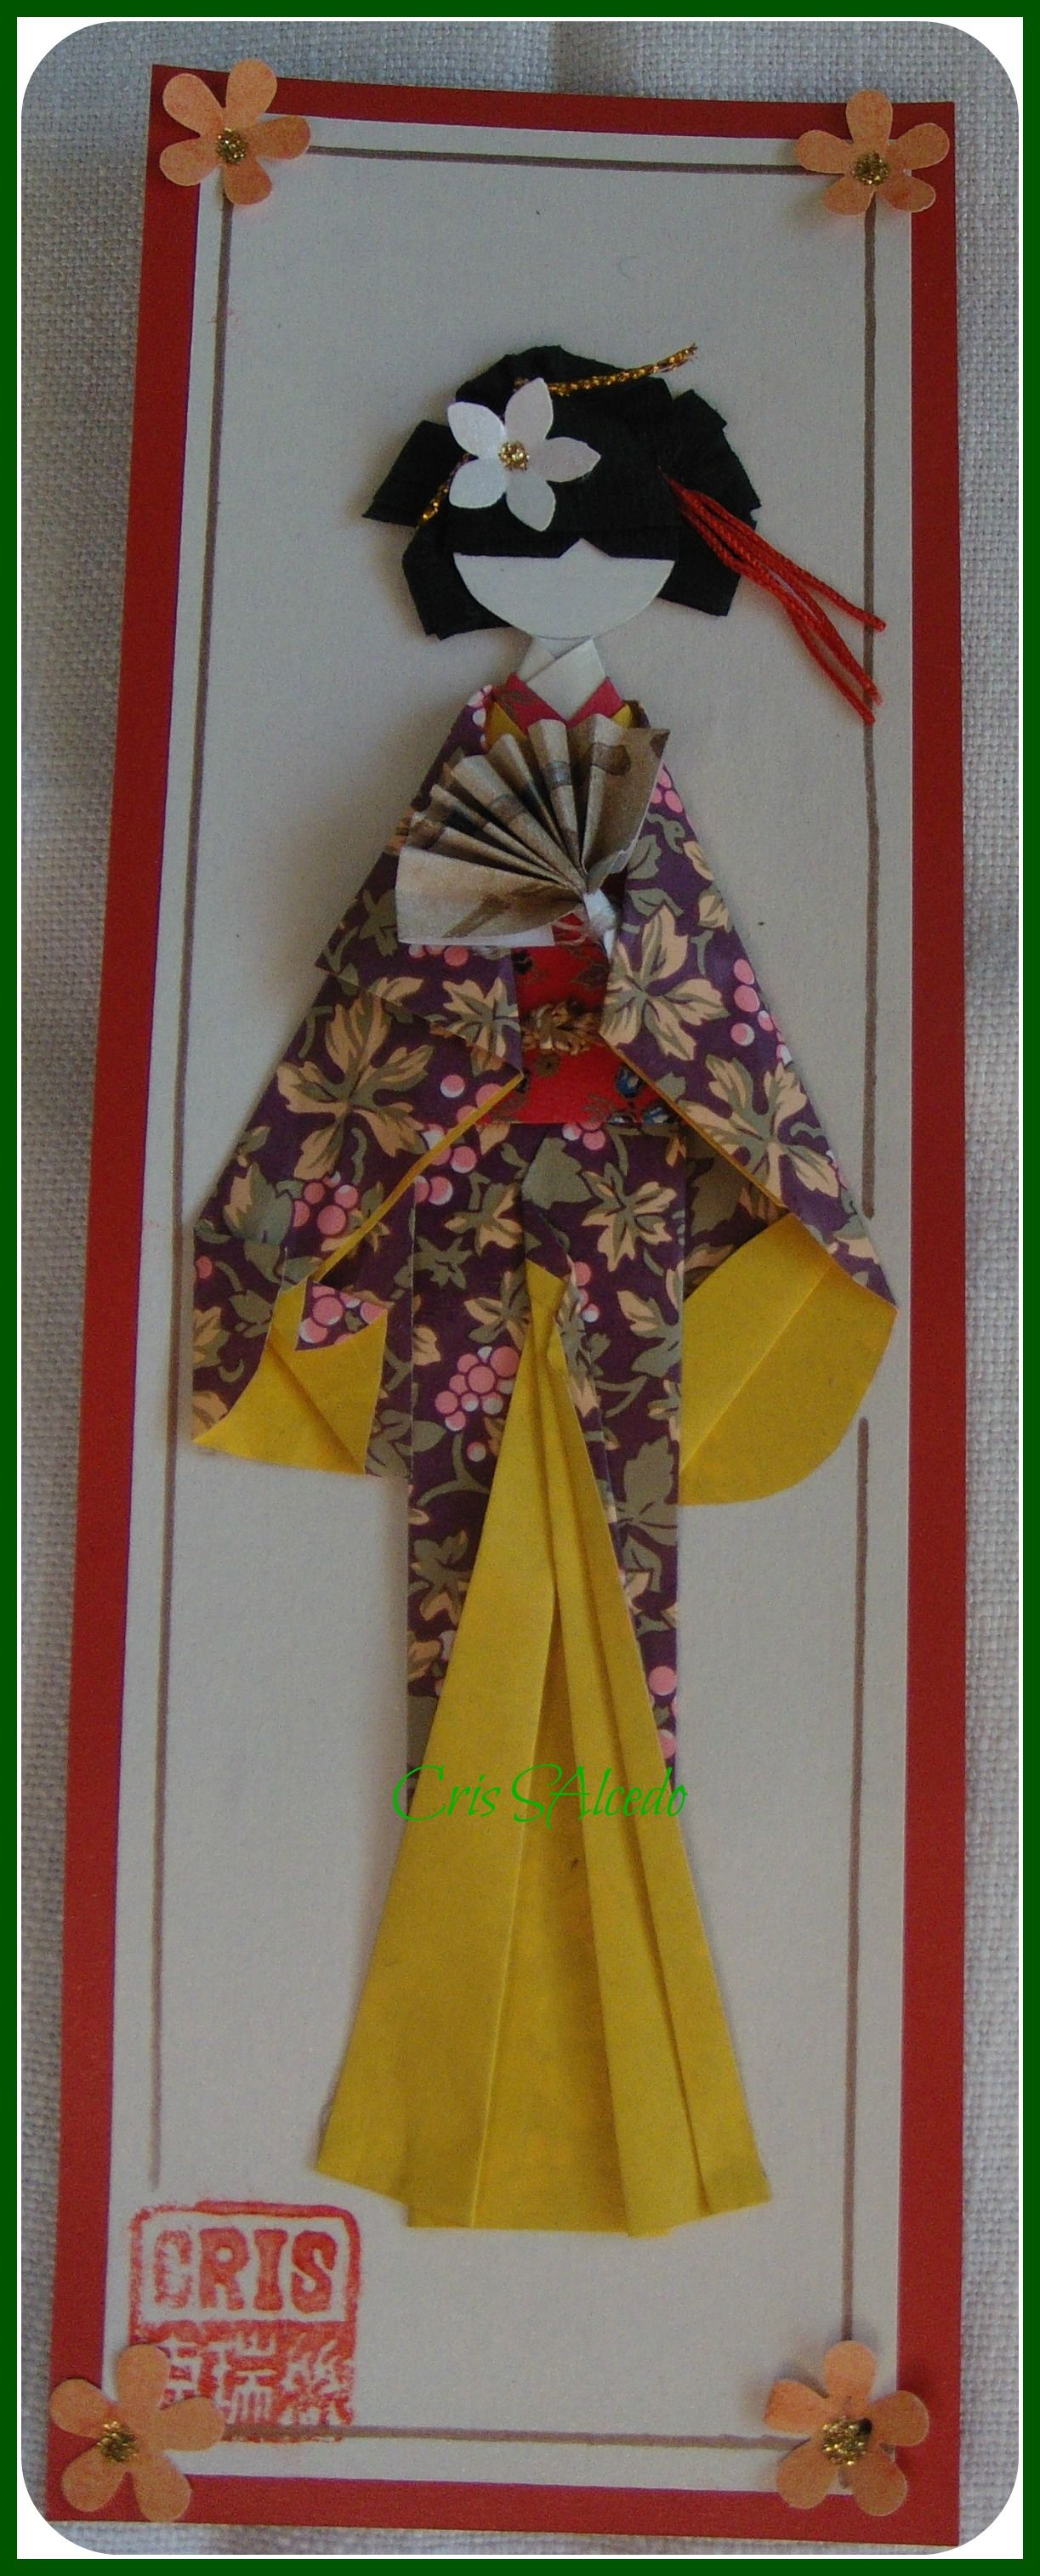 handmade greeting card ... geisha del sol ... tall and narrow ...